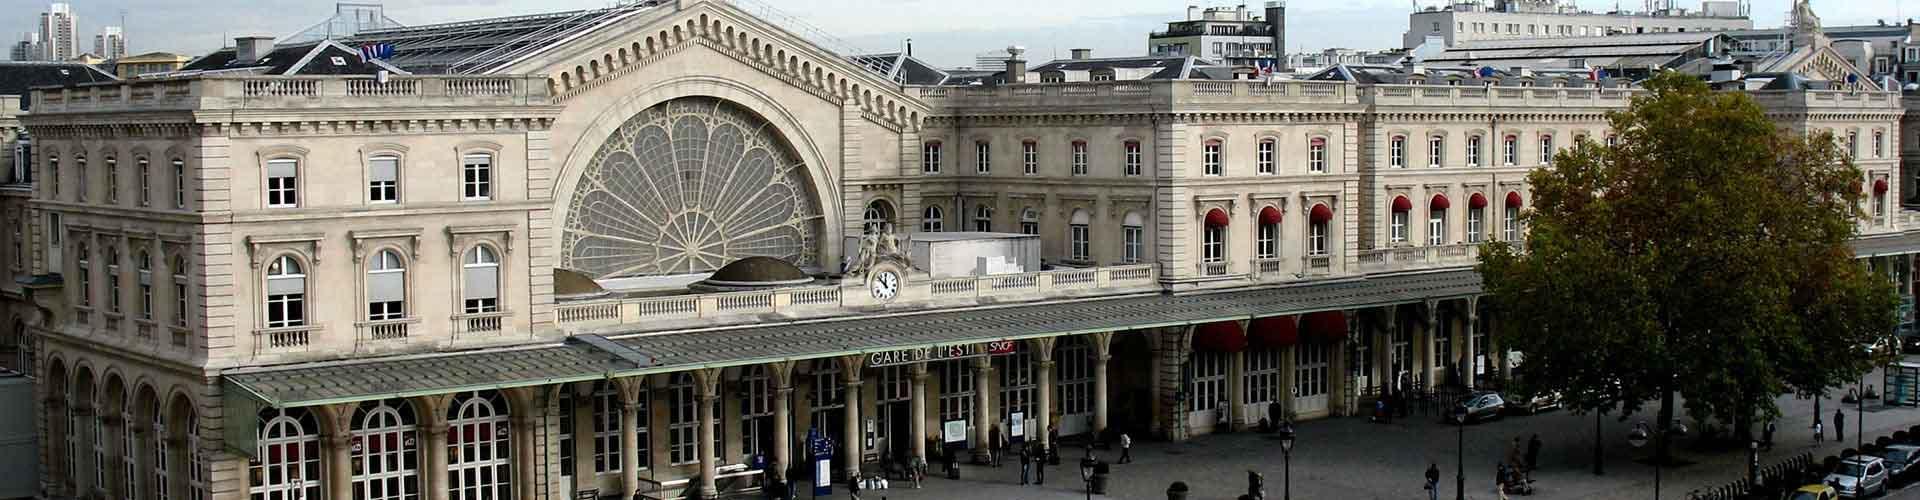 파리 - Gare de l'Est 지구의 호스텔. 파리의 지도, 파리에 위치한 호스텔 사진 및 후기 정보.